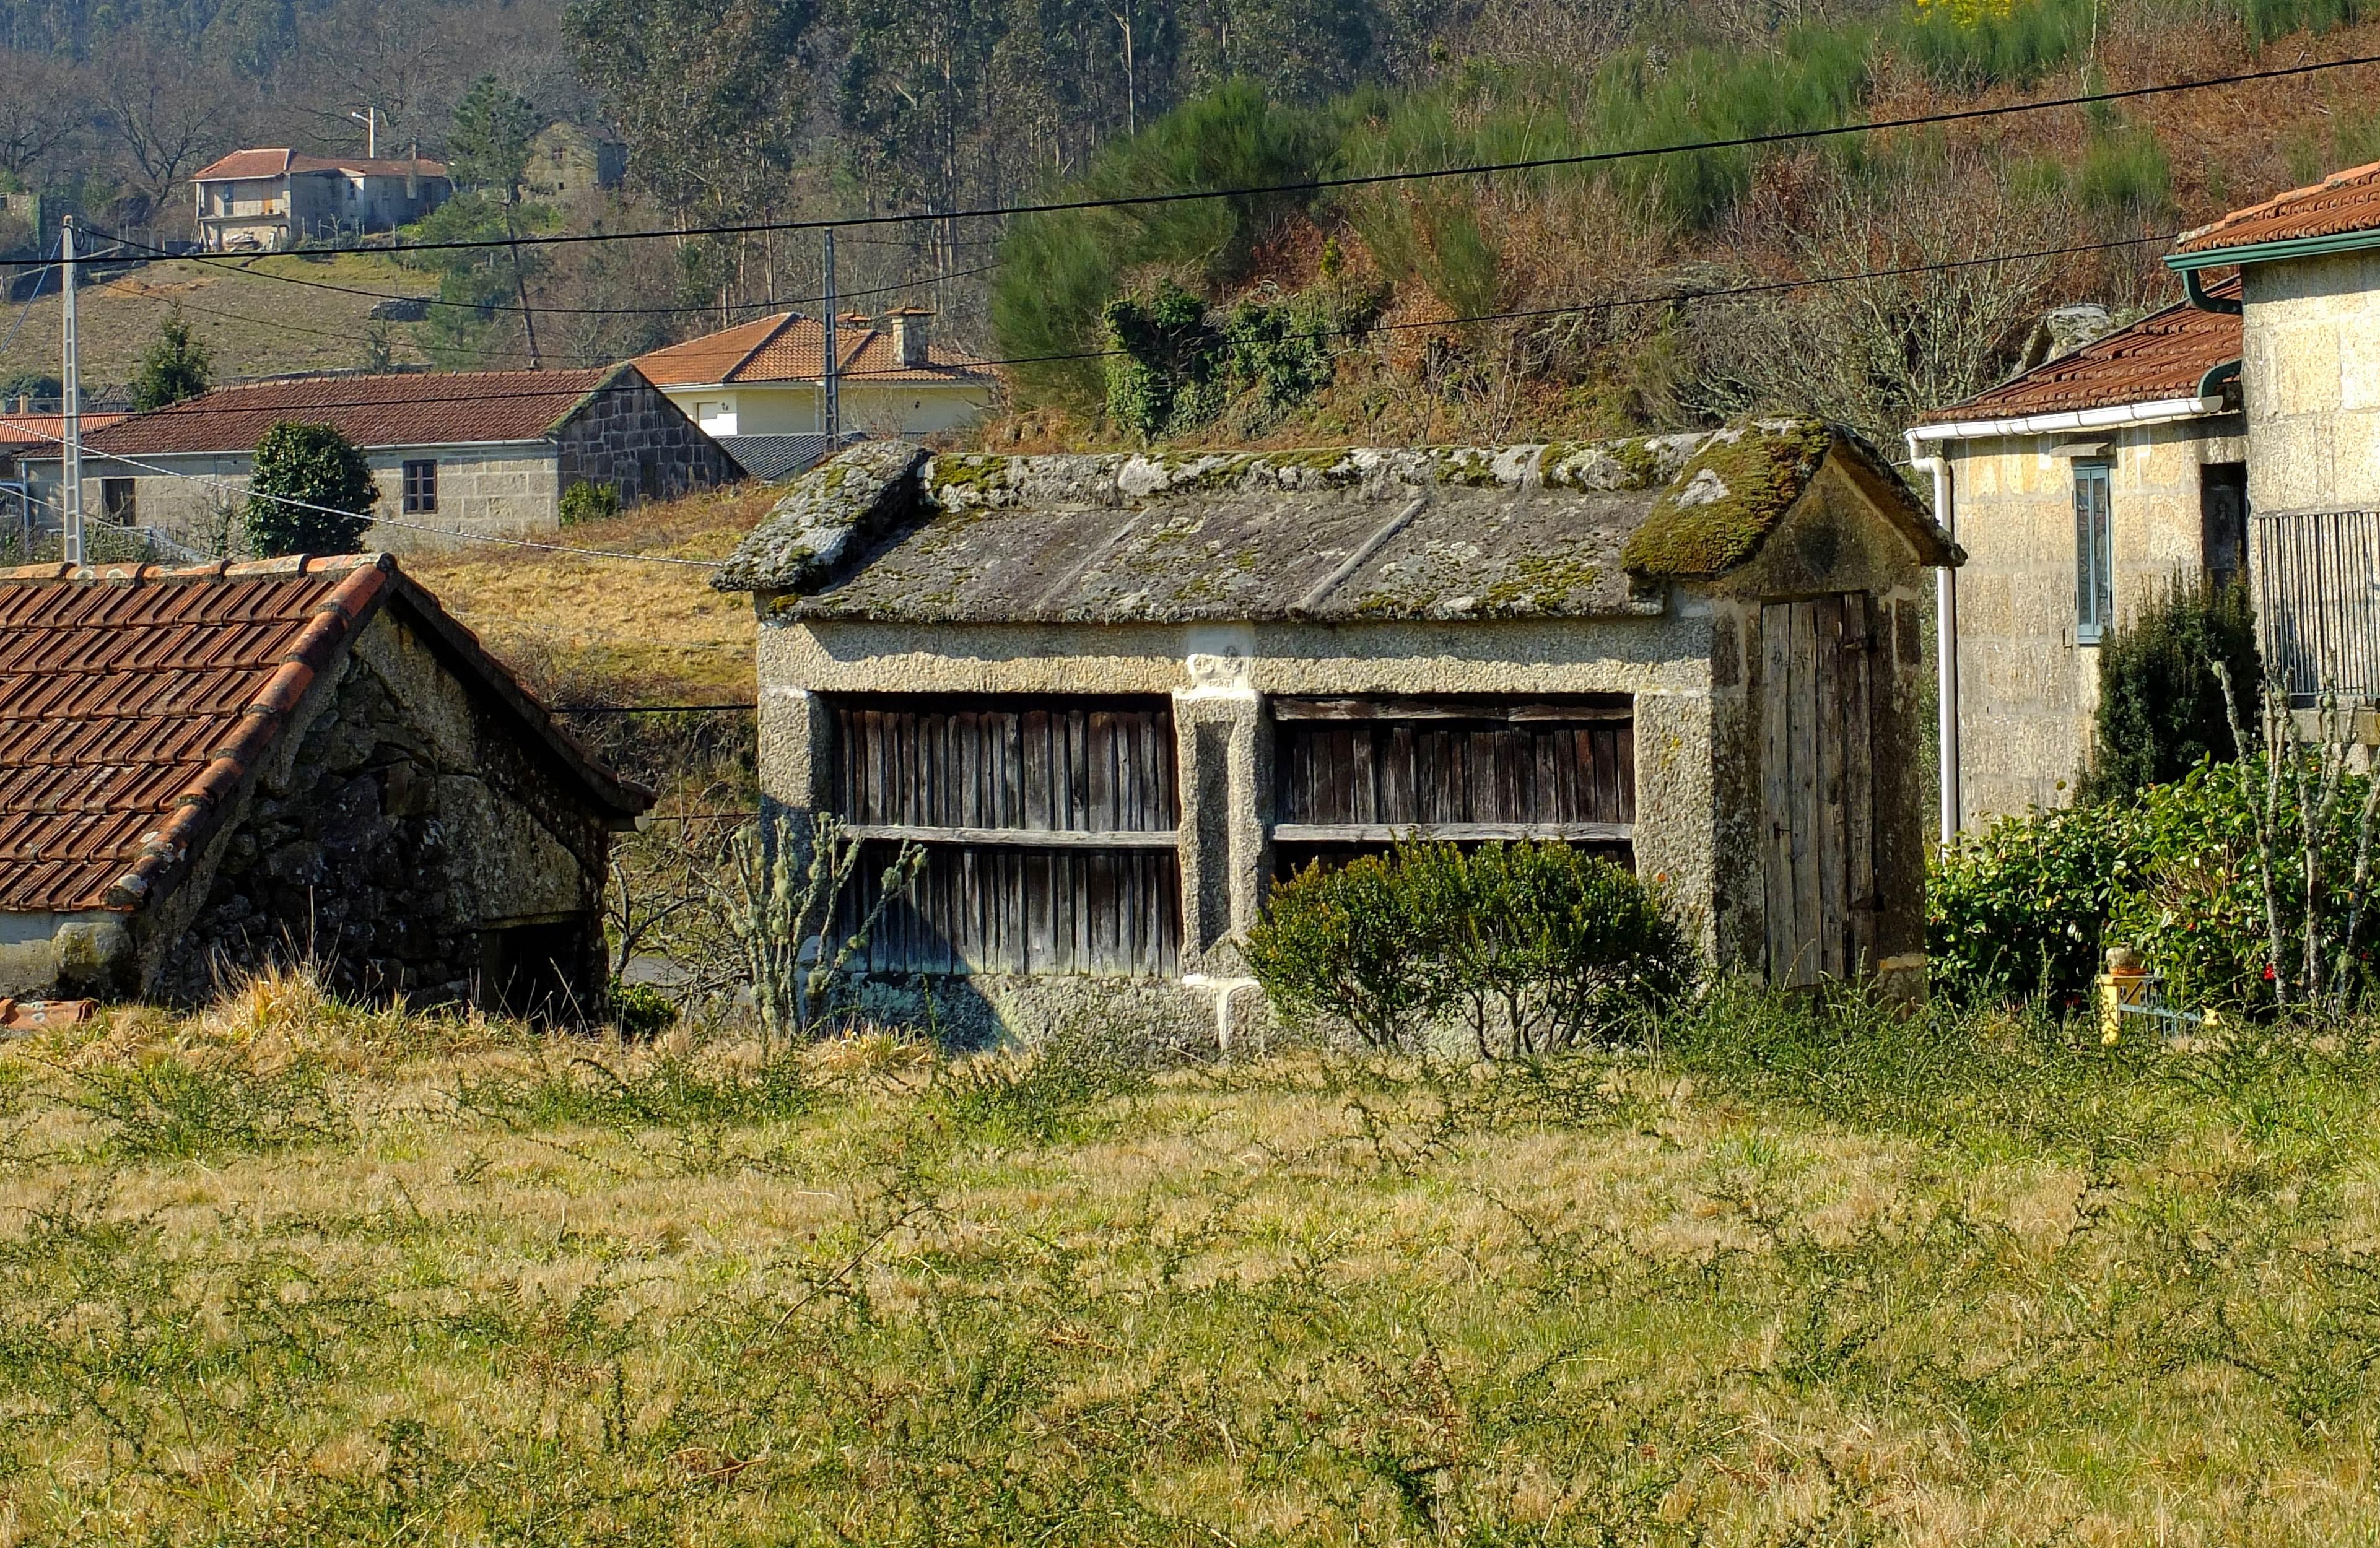 Casa de madera galicia cool casa de madera galicia with - Casas de madera pontevedra ...